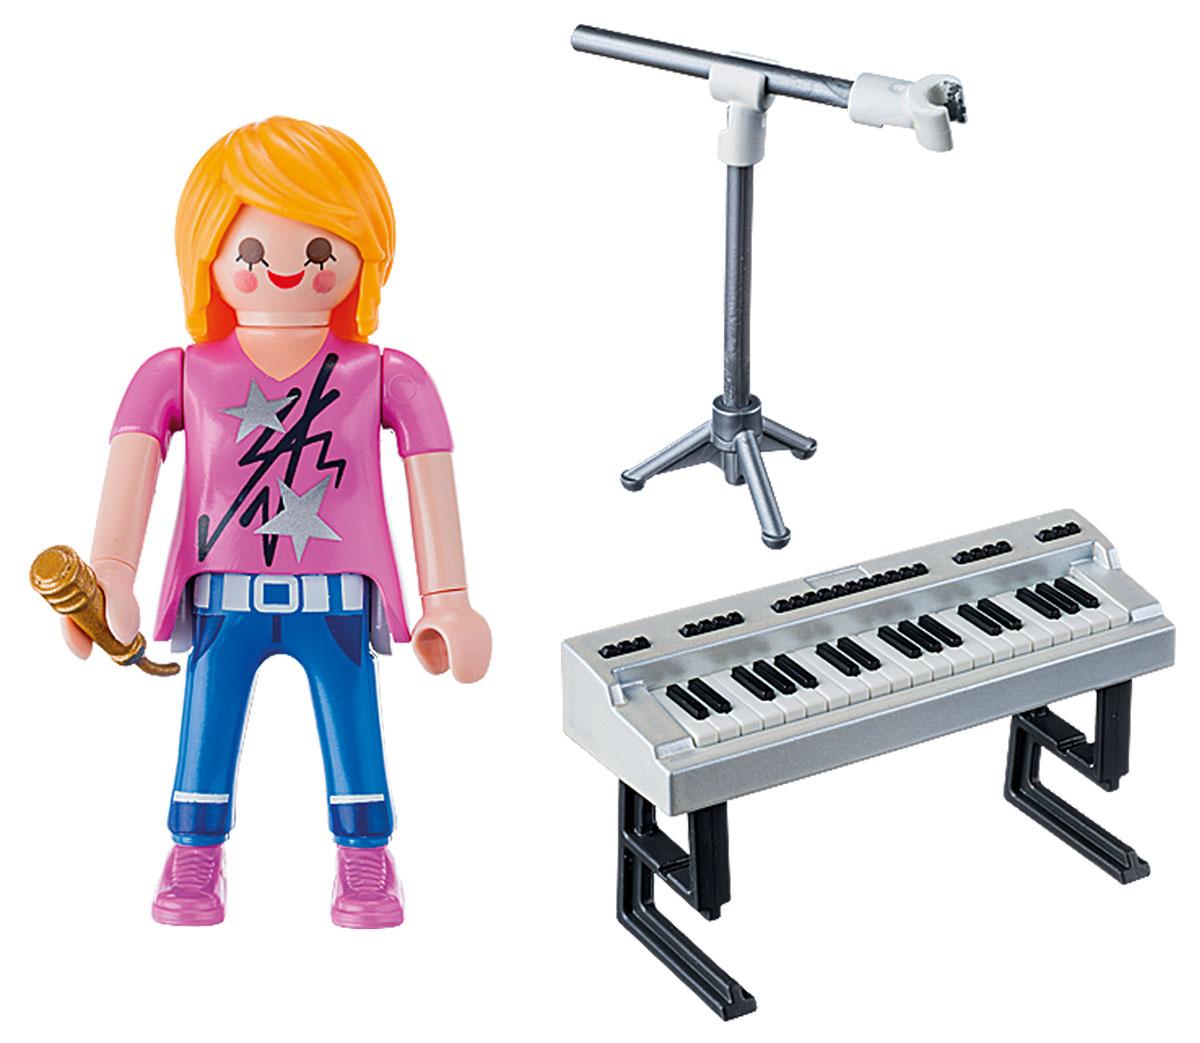 Playmobil Игровой набор Экстра-набор Певица с синтезатором